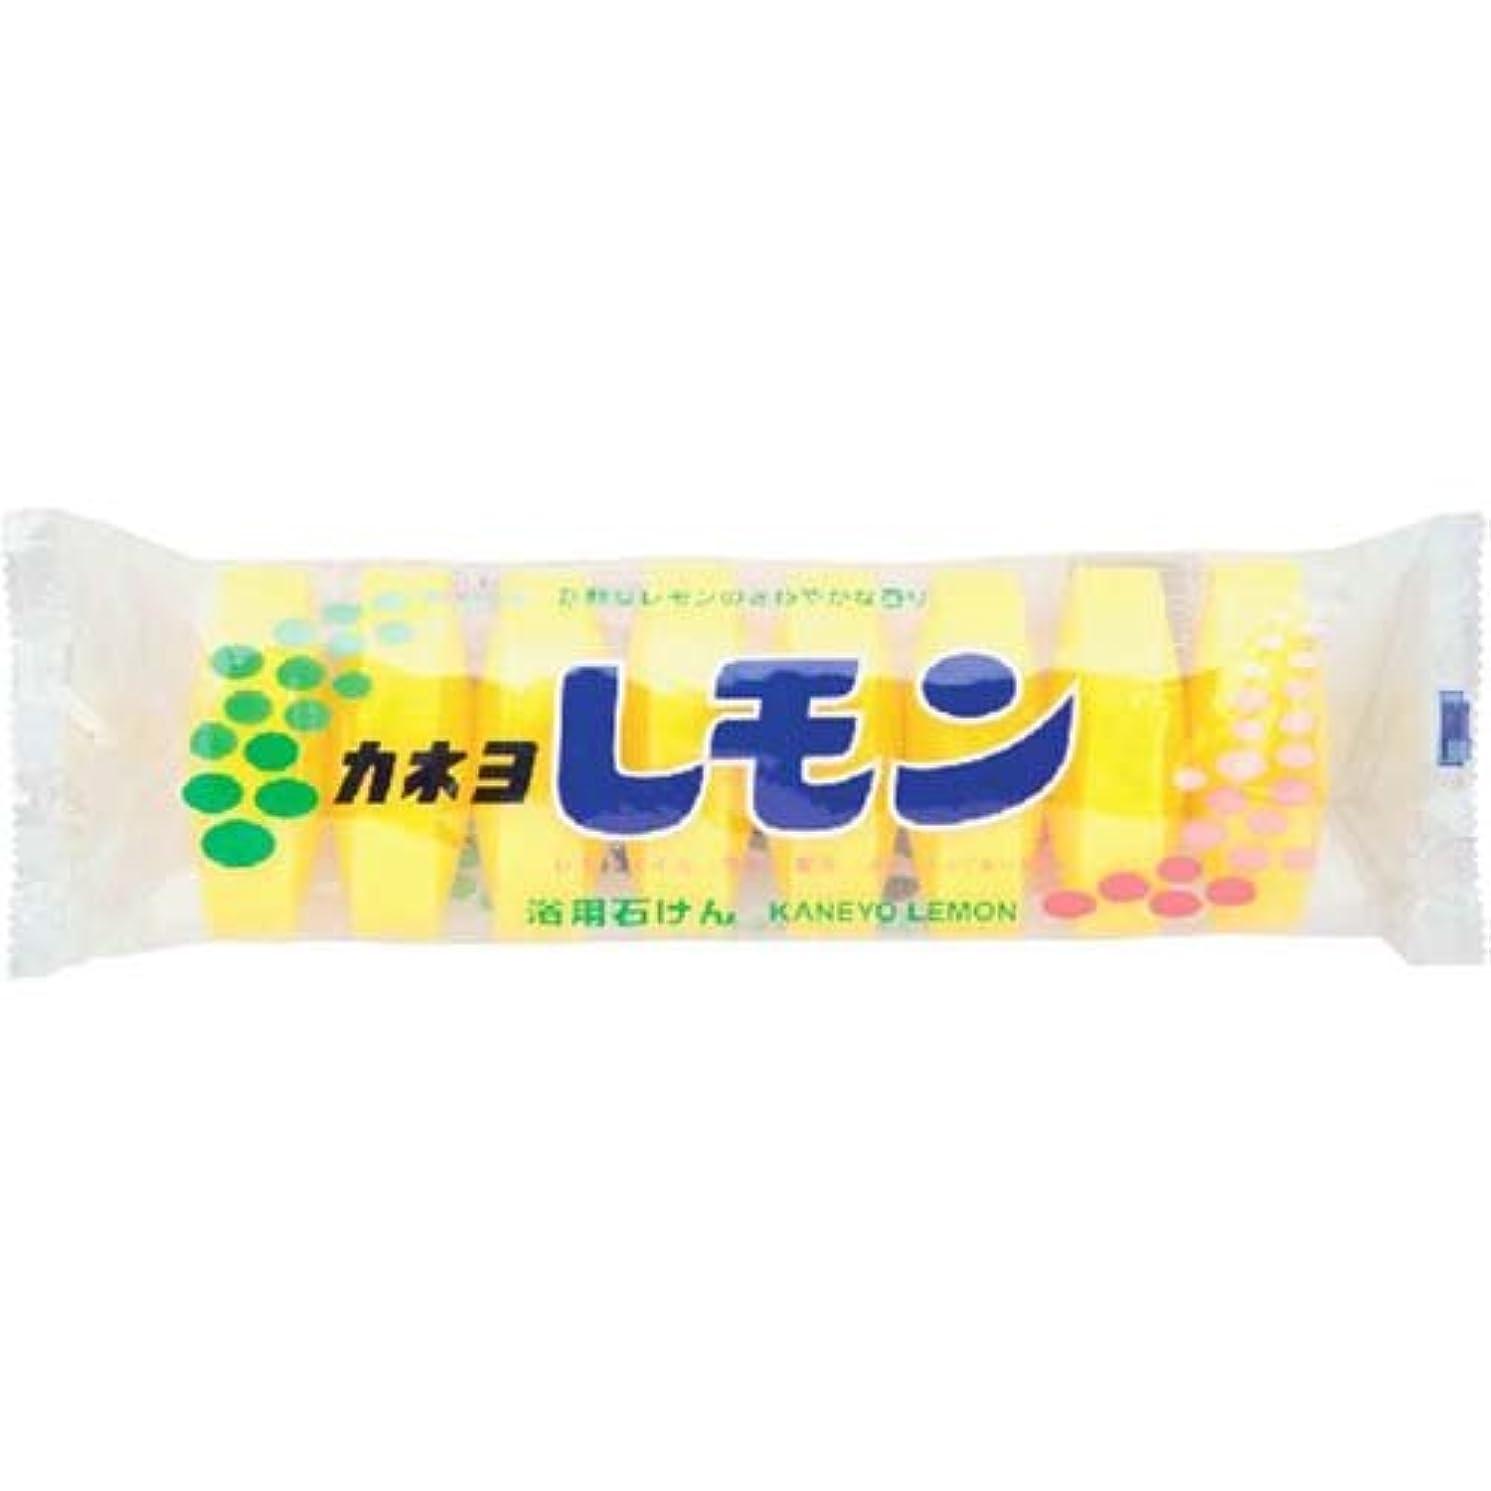 北方チョコレートこしょうカネヨ レモン石鹸 8個